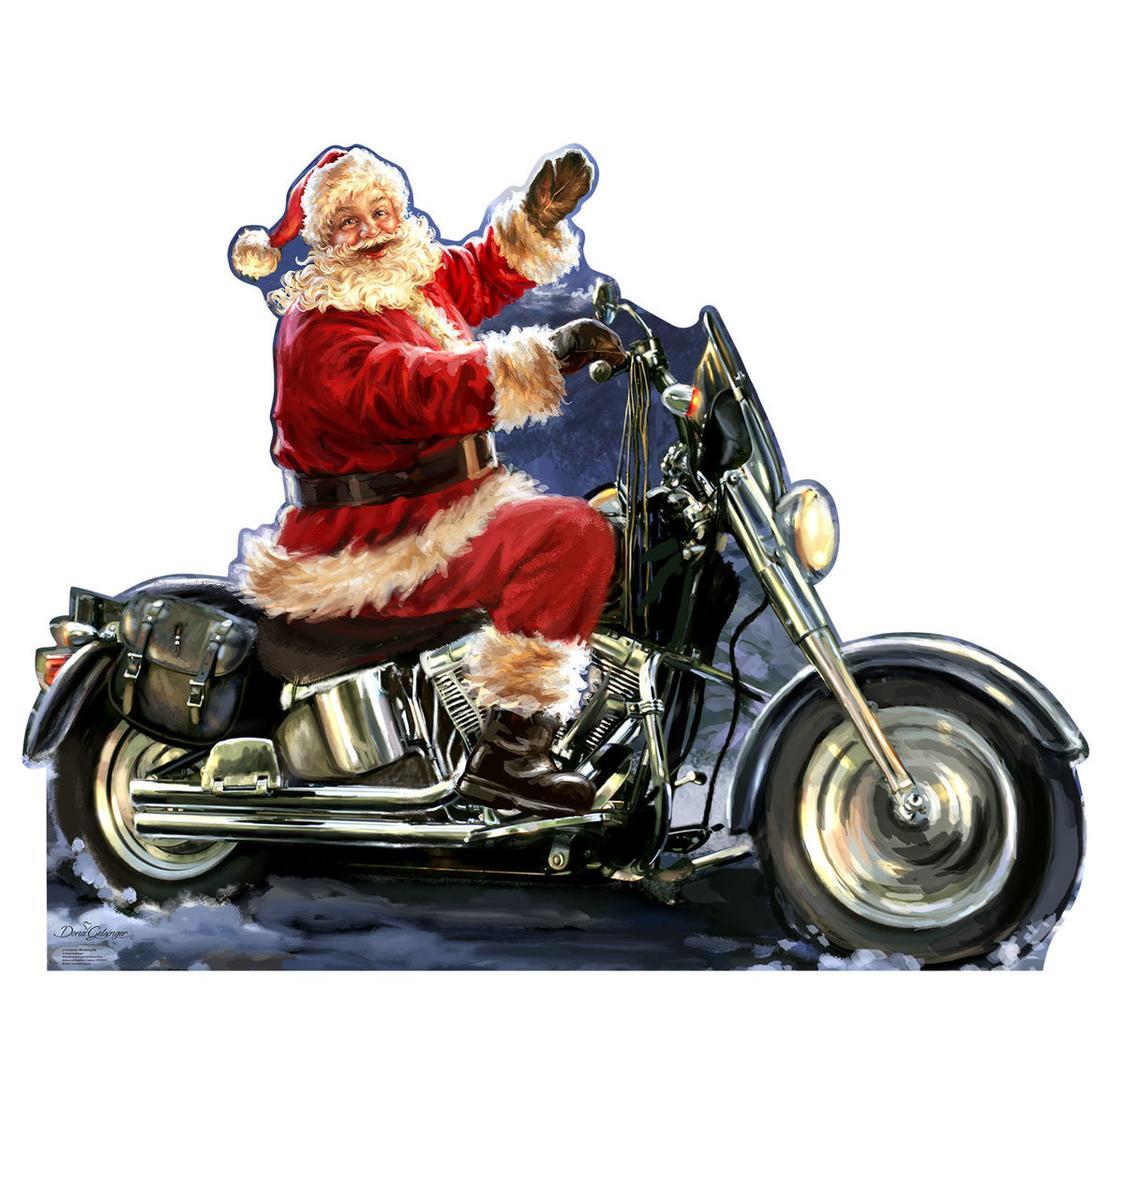 バイク サンタクロース 等身大 パネル クリスマス 飾り インテリア デコレーション